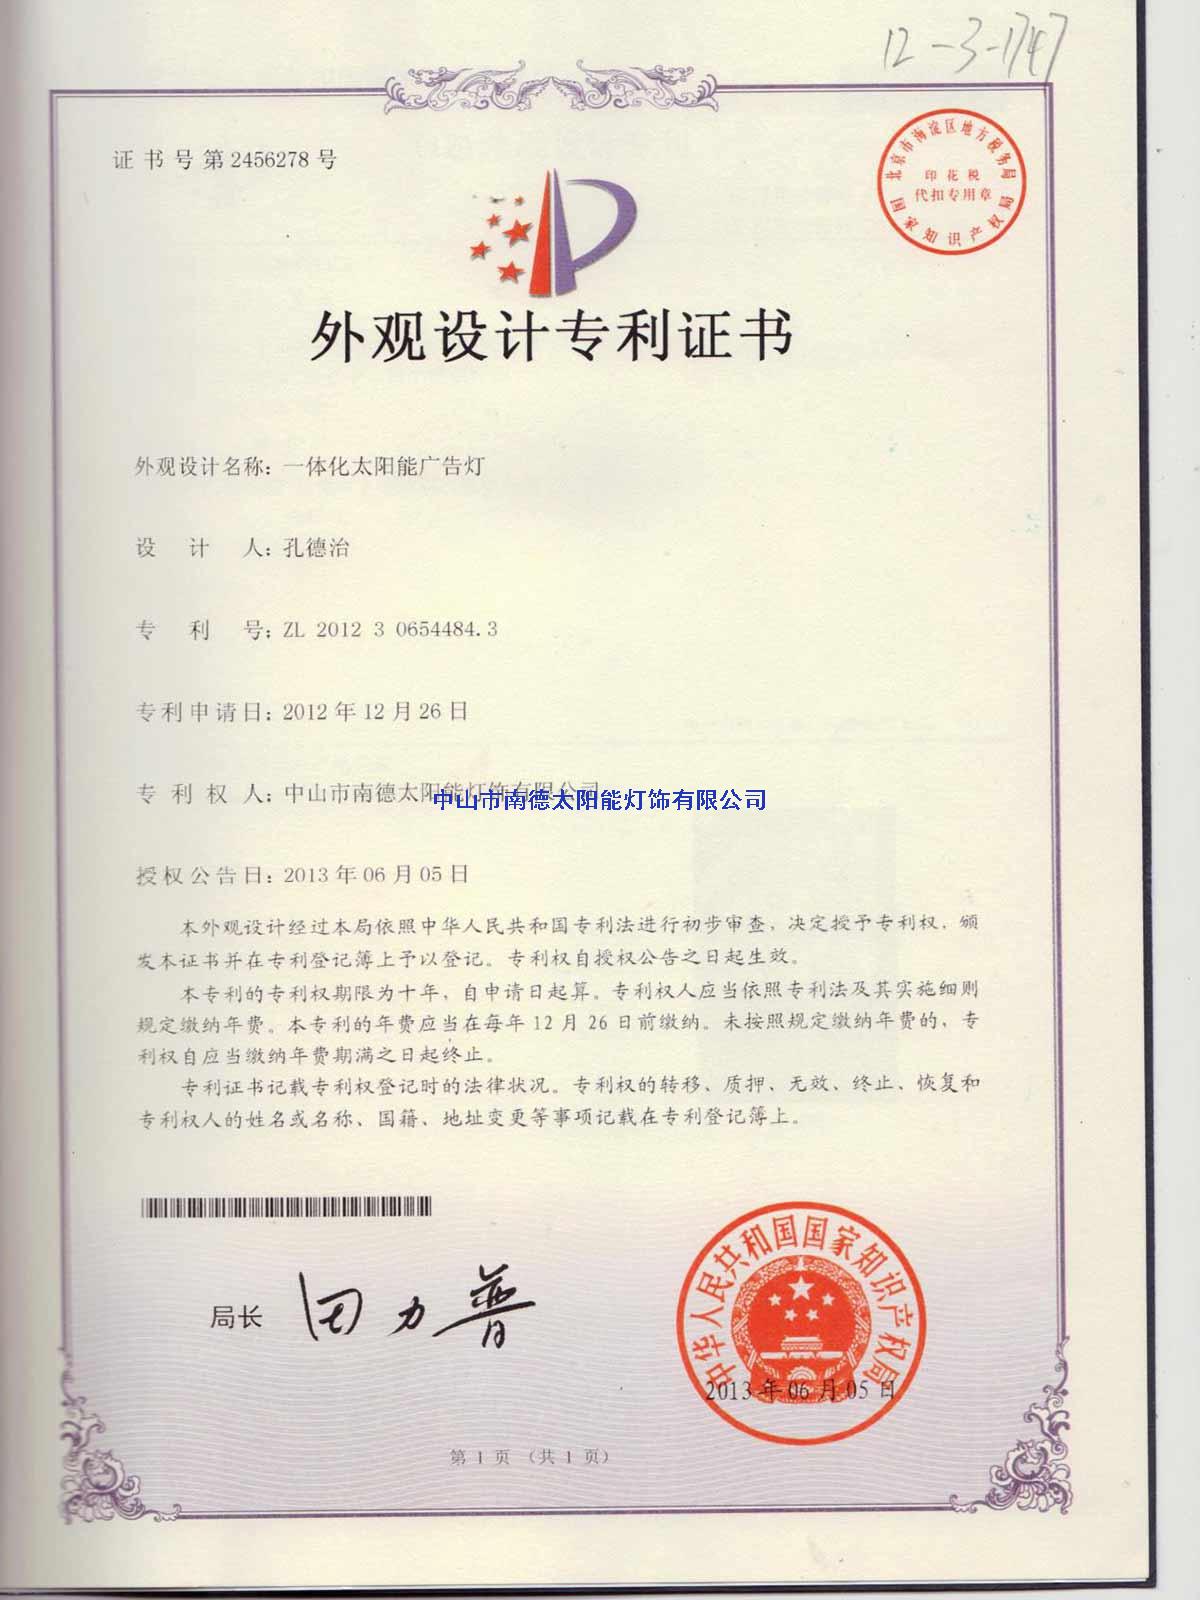 外观设计专利证书:一体化太阳能广告灯